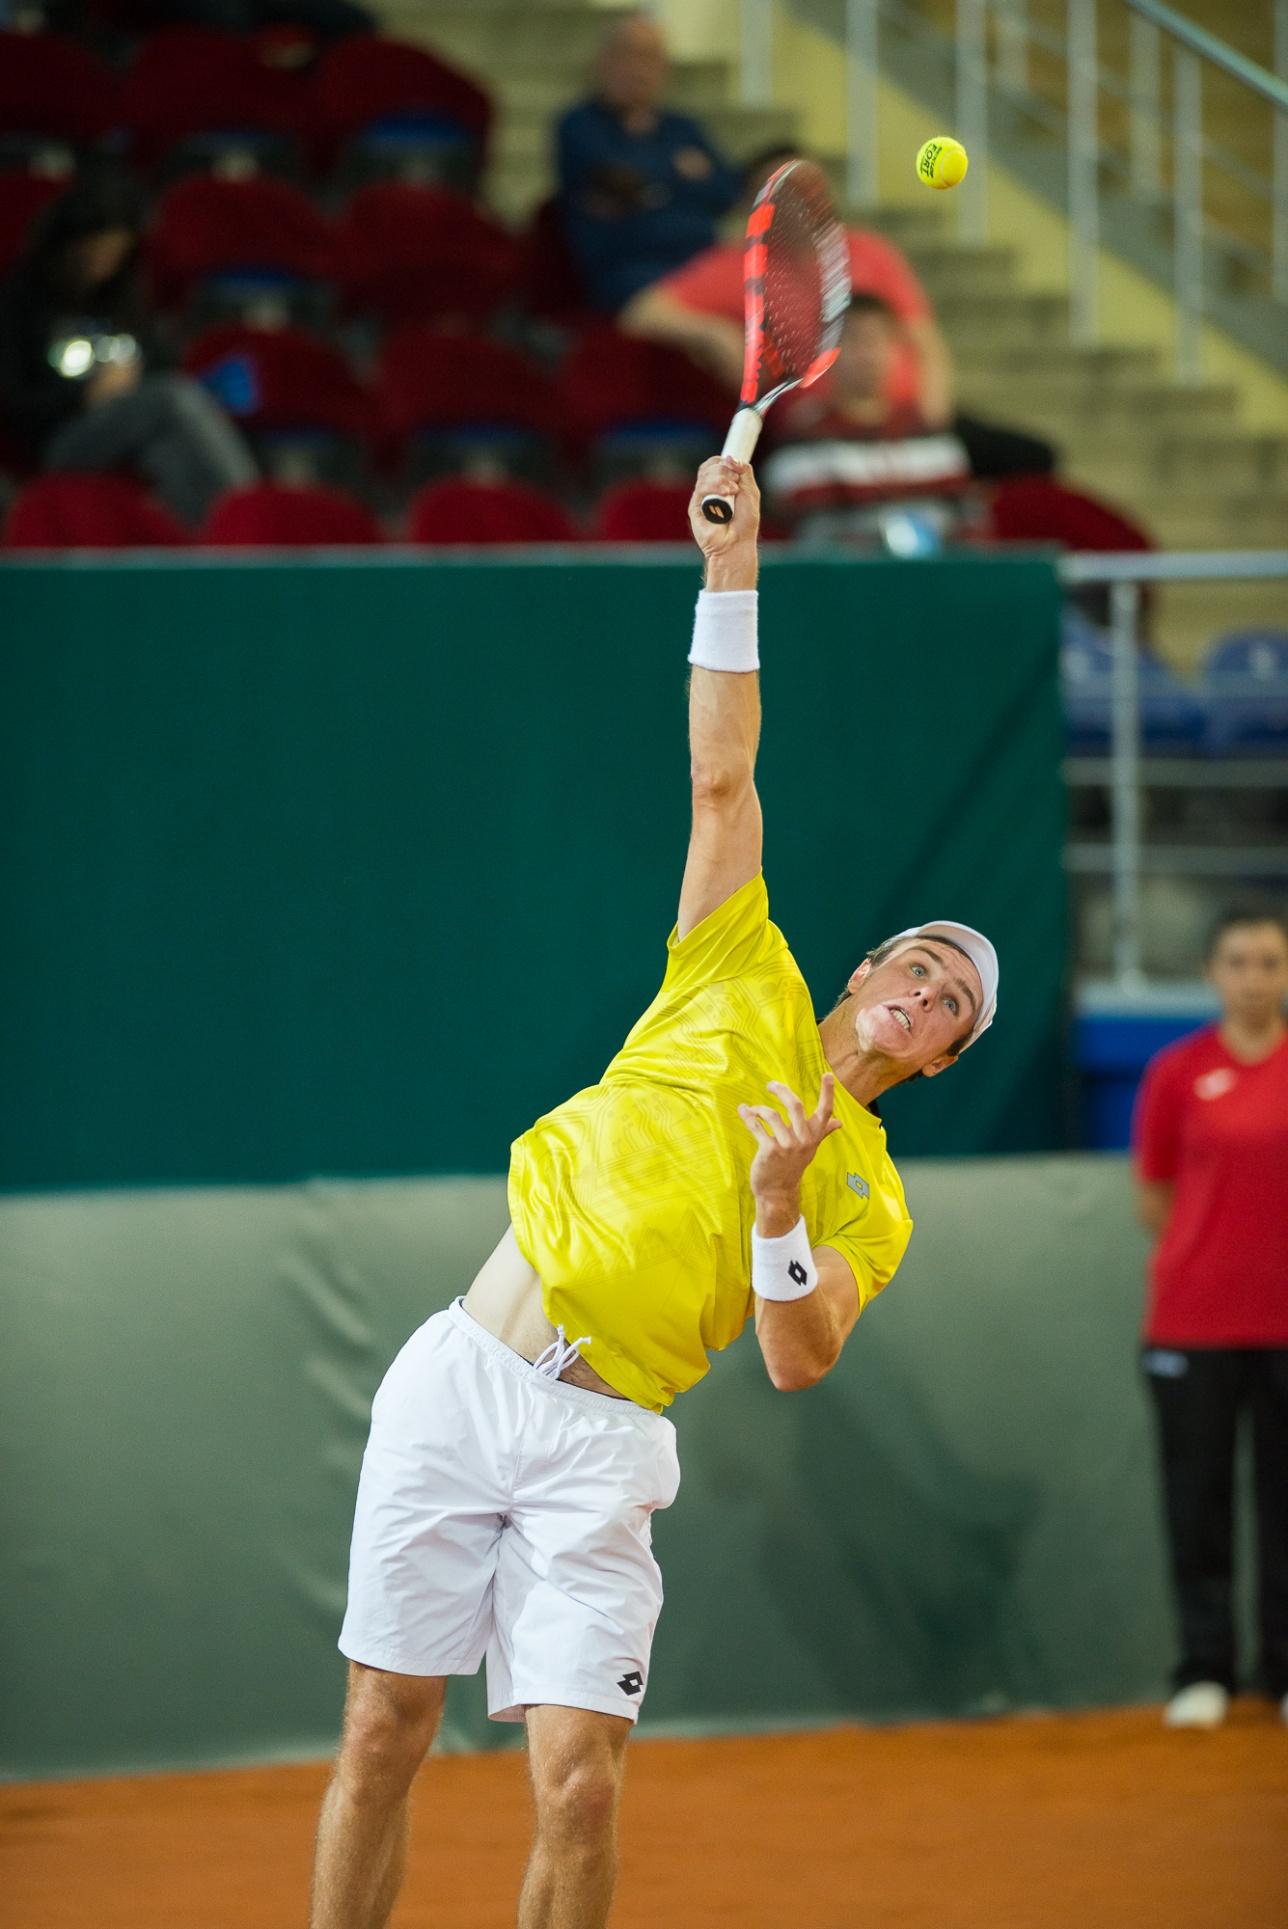 Добил же Китай дебютант Дмитрий Попко, одержавший вторую яркую победу в Кубке Дэвиса - 6:7, 7:5, 7:6